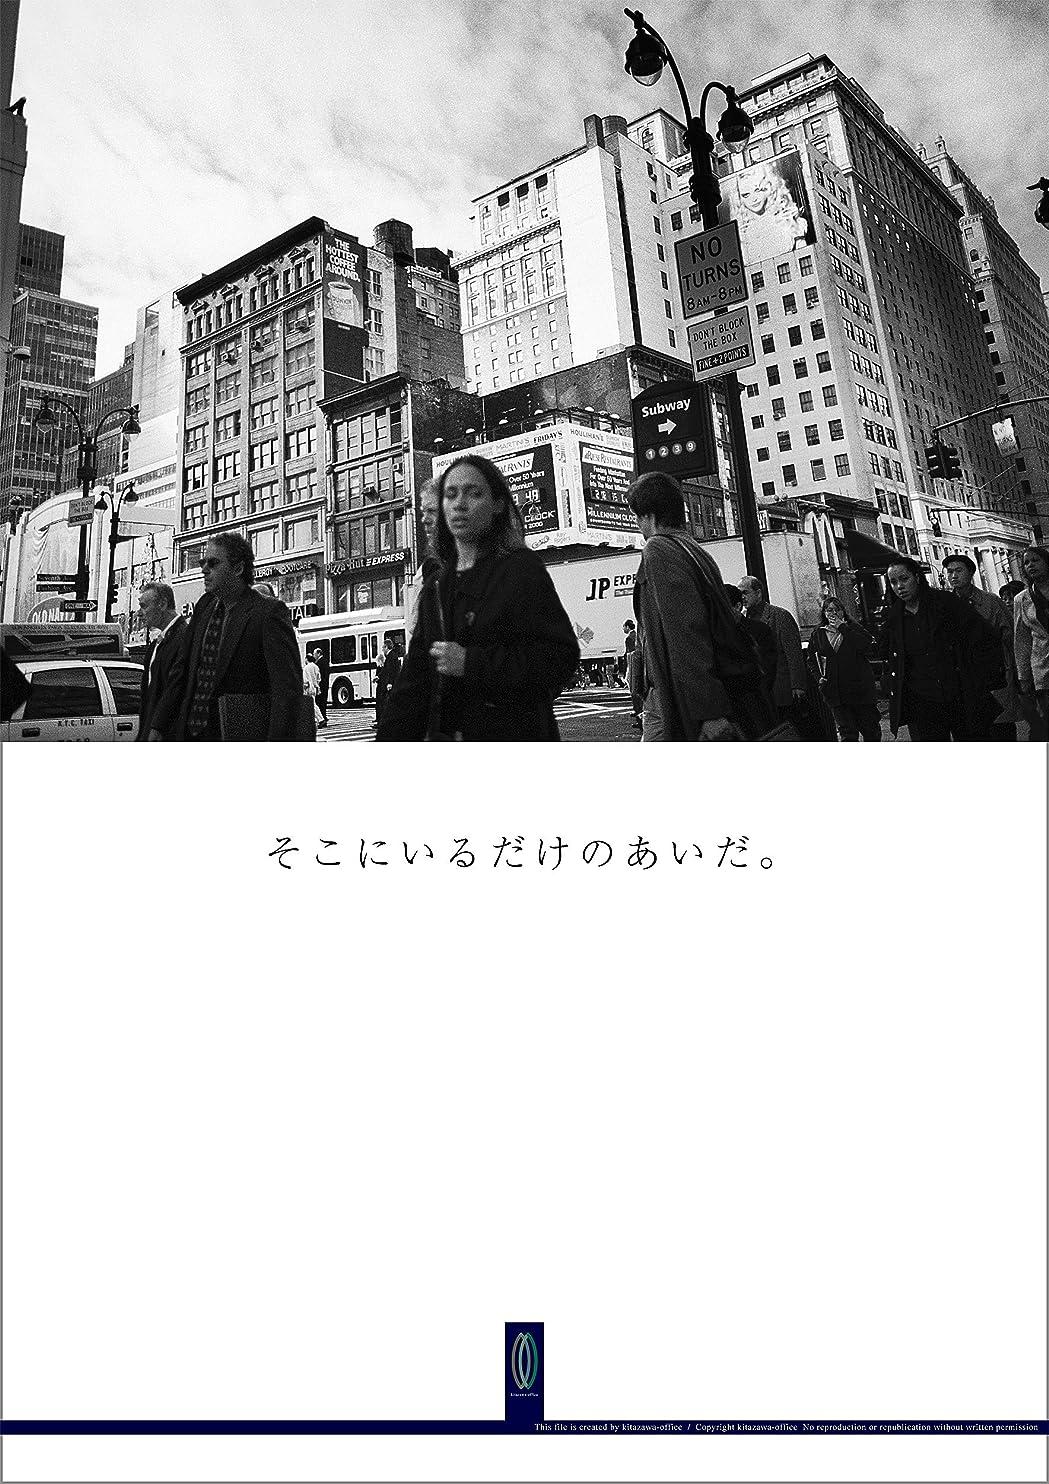 不名誉憂鬱エスニックニューヨーク写真 #026 : そこにいるだけのあいだ vol.1 : NewYork Photo